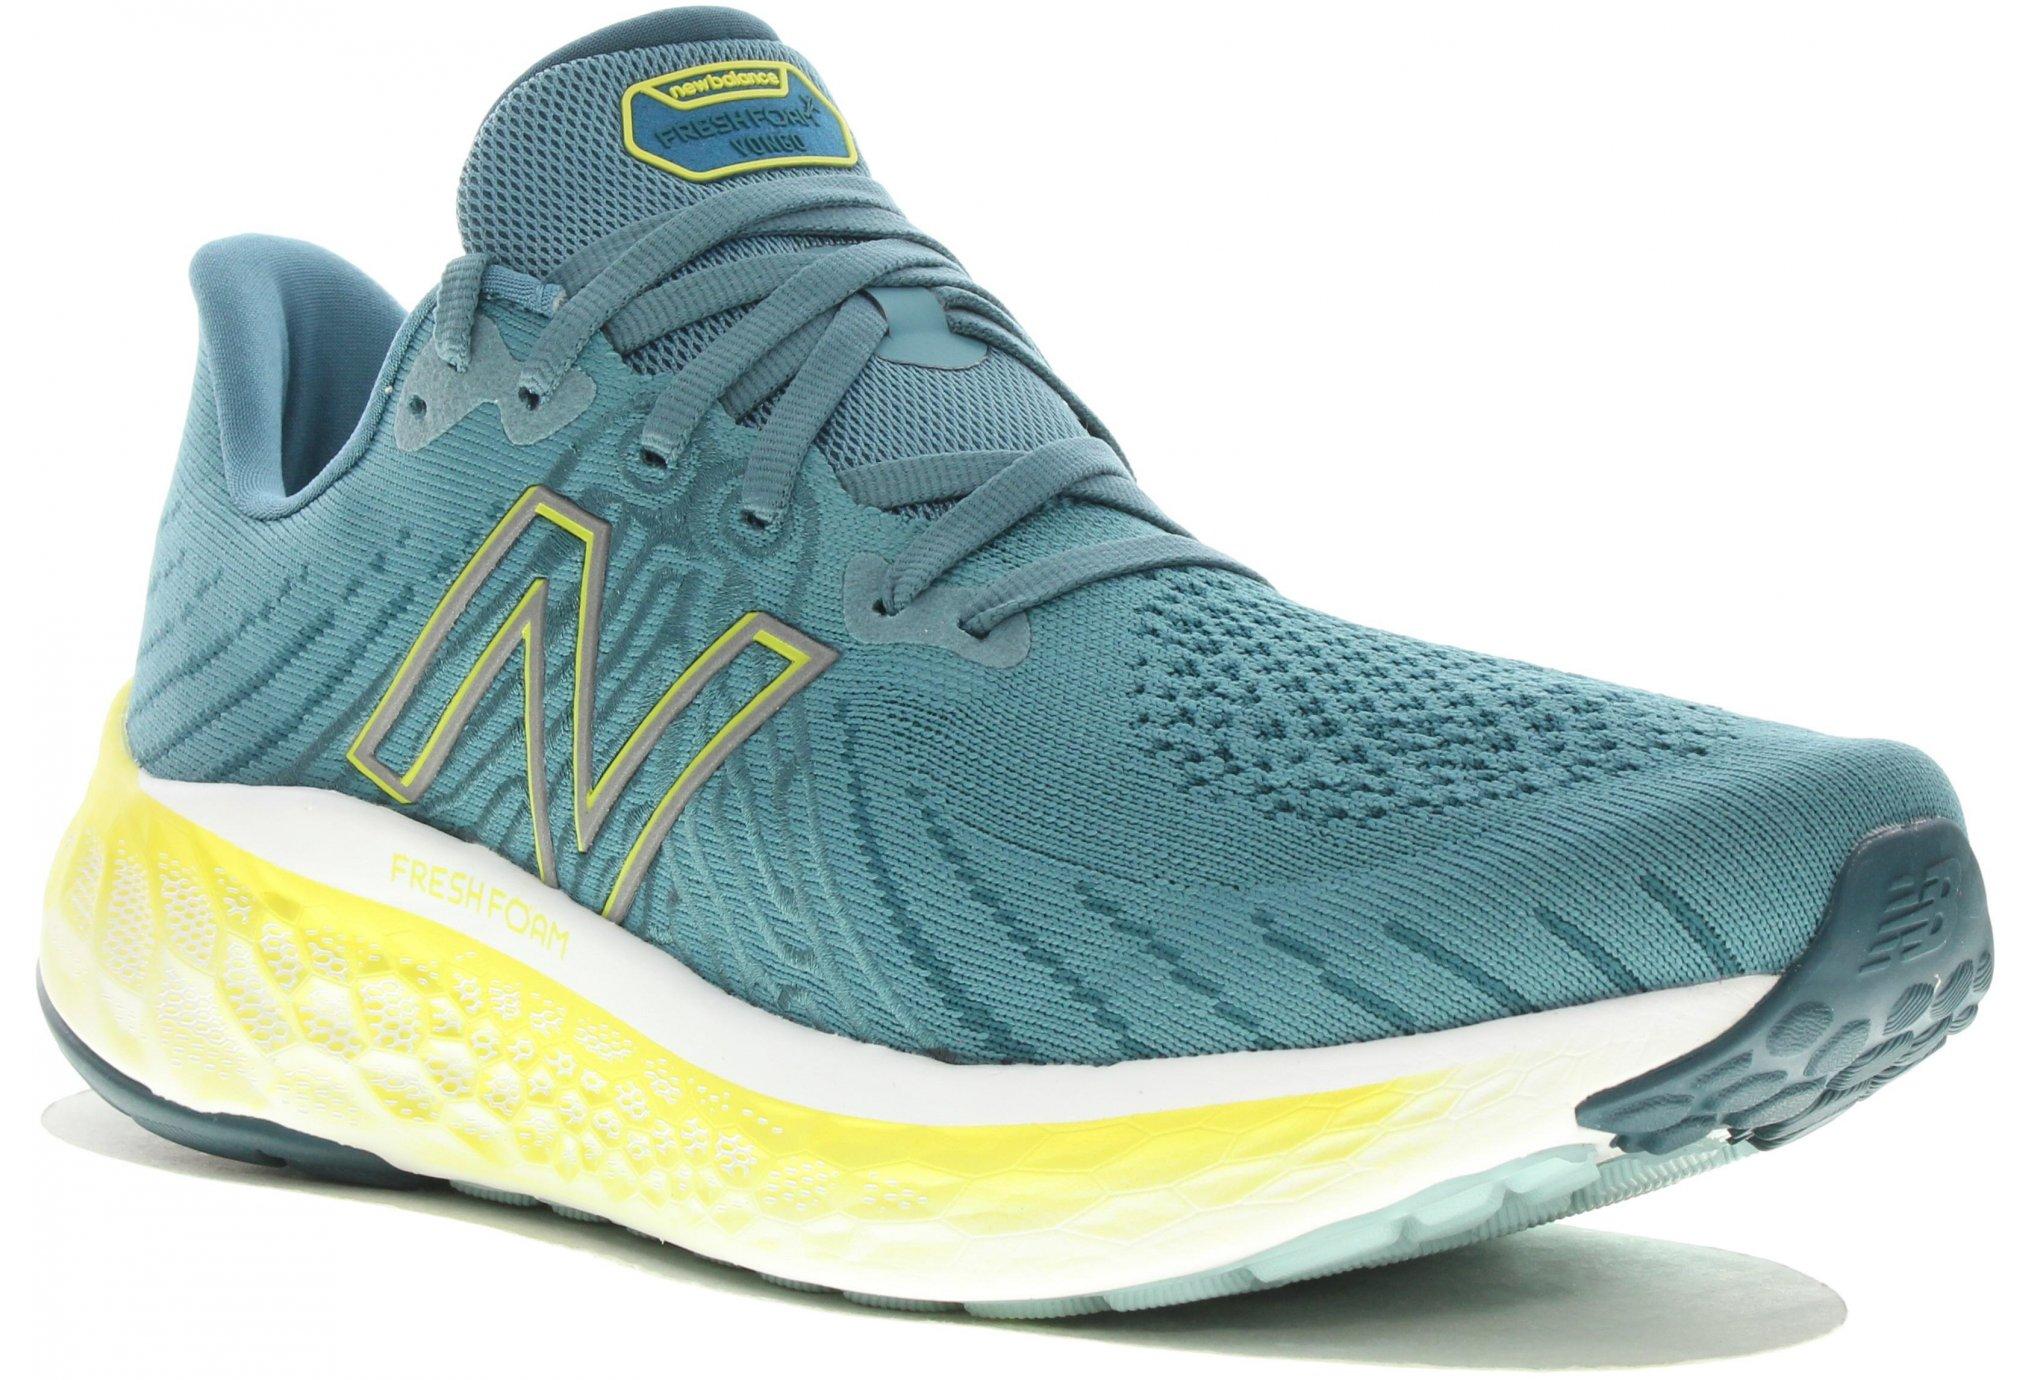 New Balance Fresh Foam X Vongo V5 M Chaussures homme